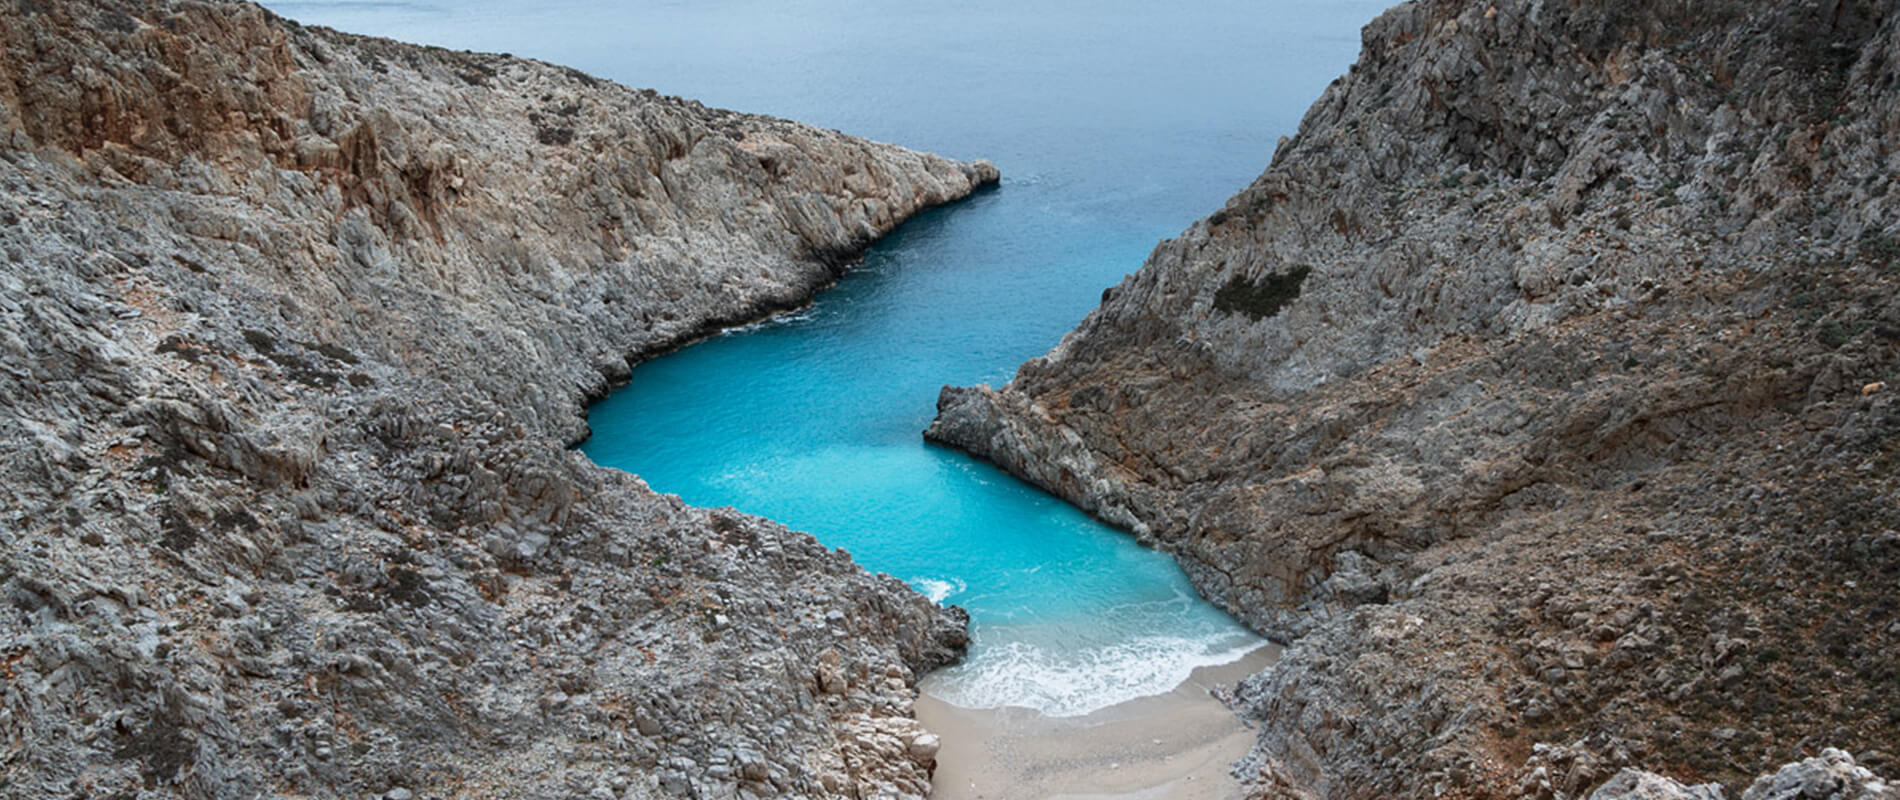 Setain Limania, la spiaggia segreta di Creta